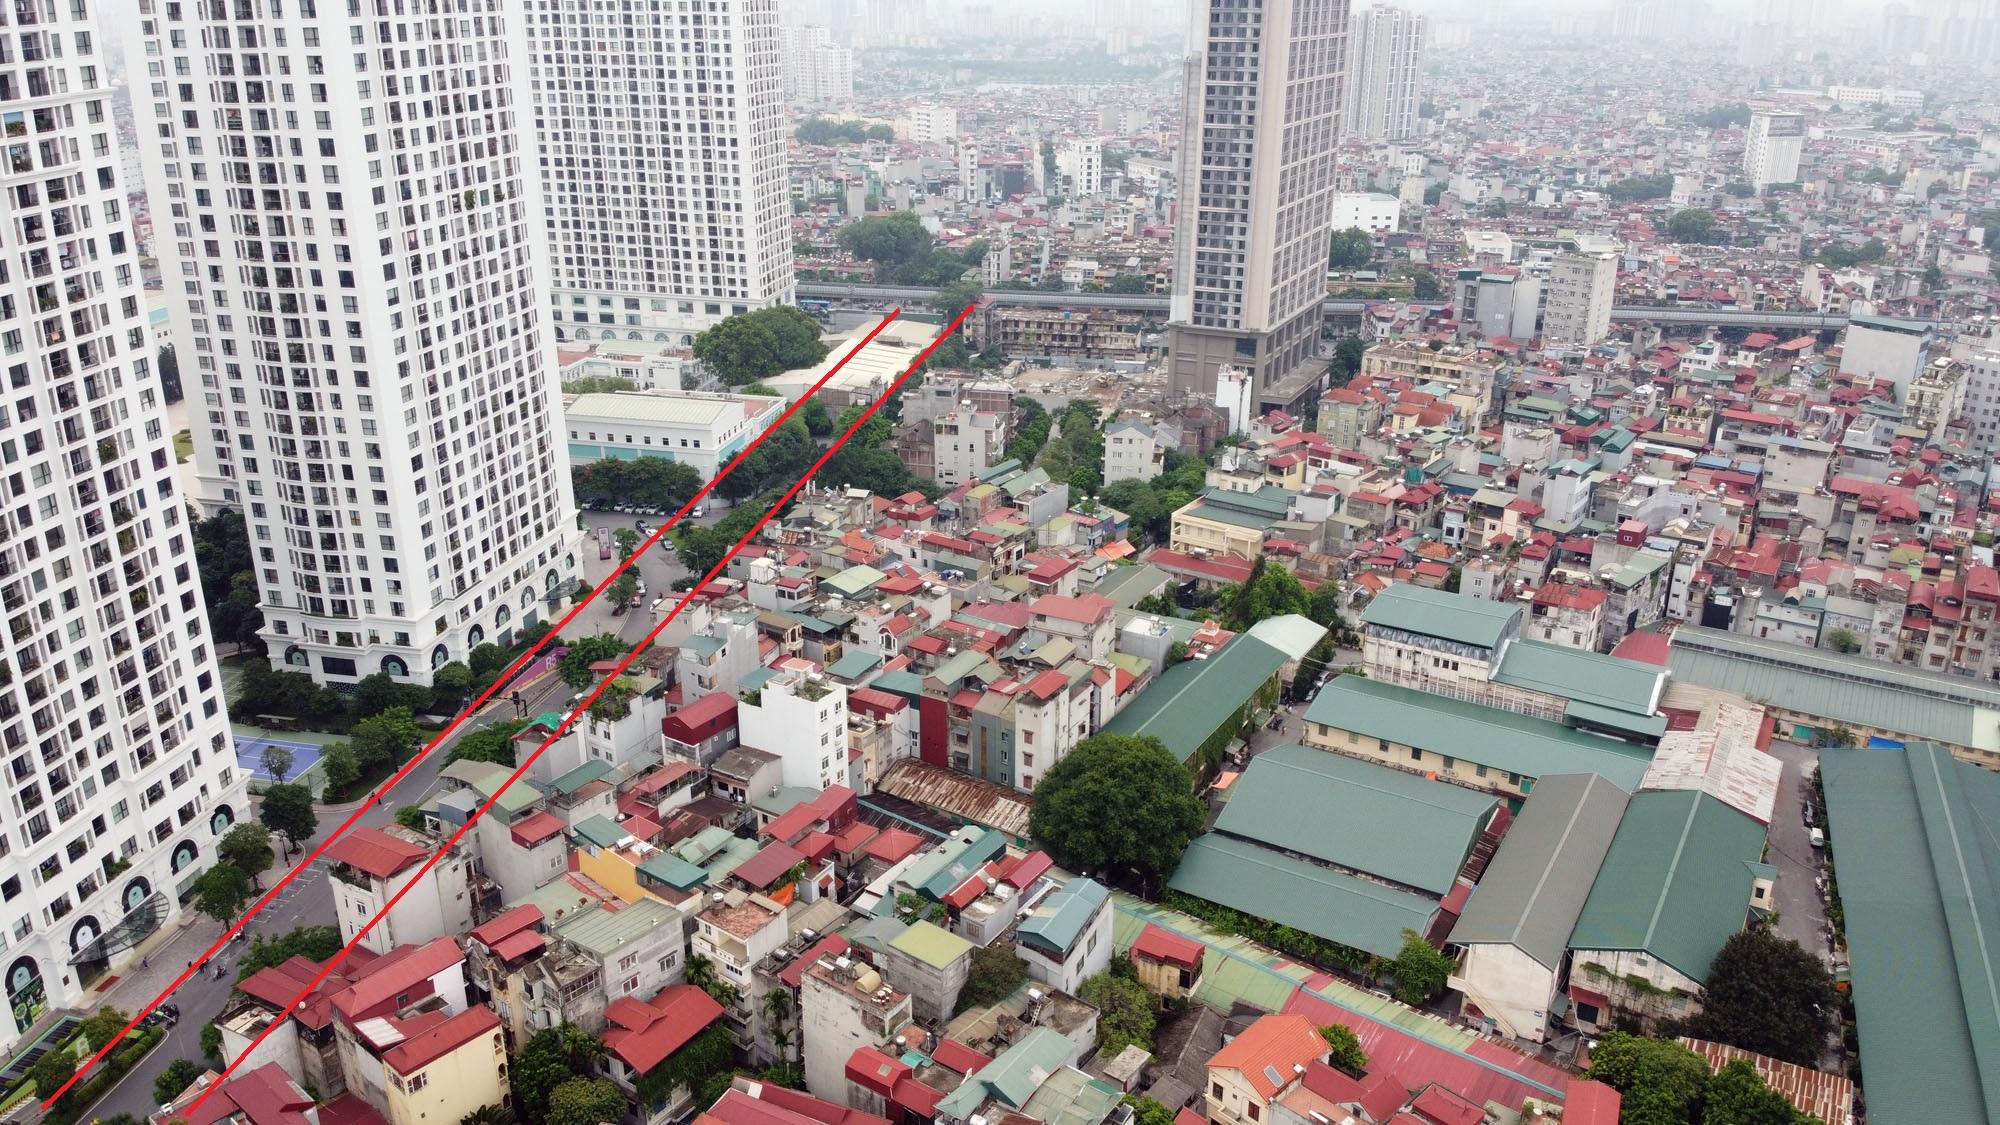 Kế hoạch sử dụng đất phường Thượng Đình, Thanh Xuân, Hà Nội năm 2021 - Ảnh 1.